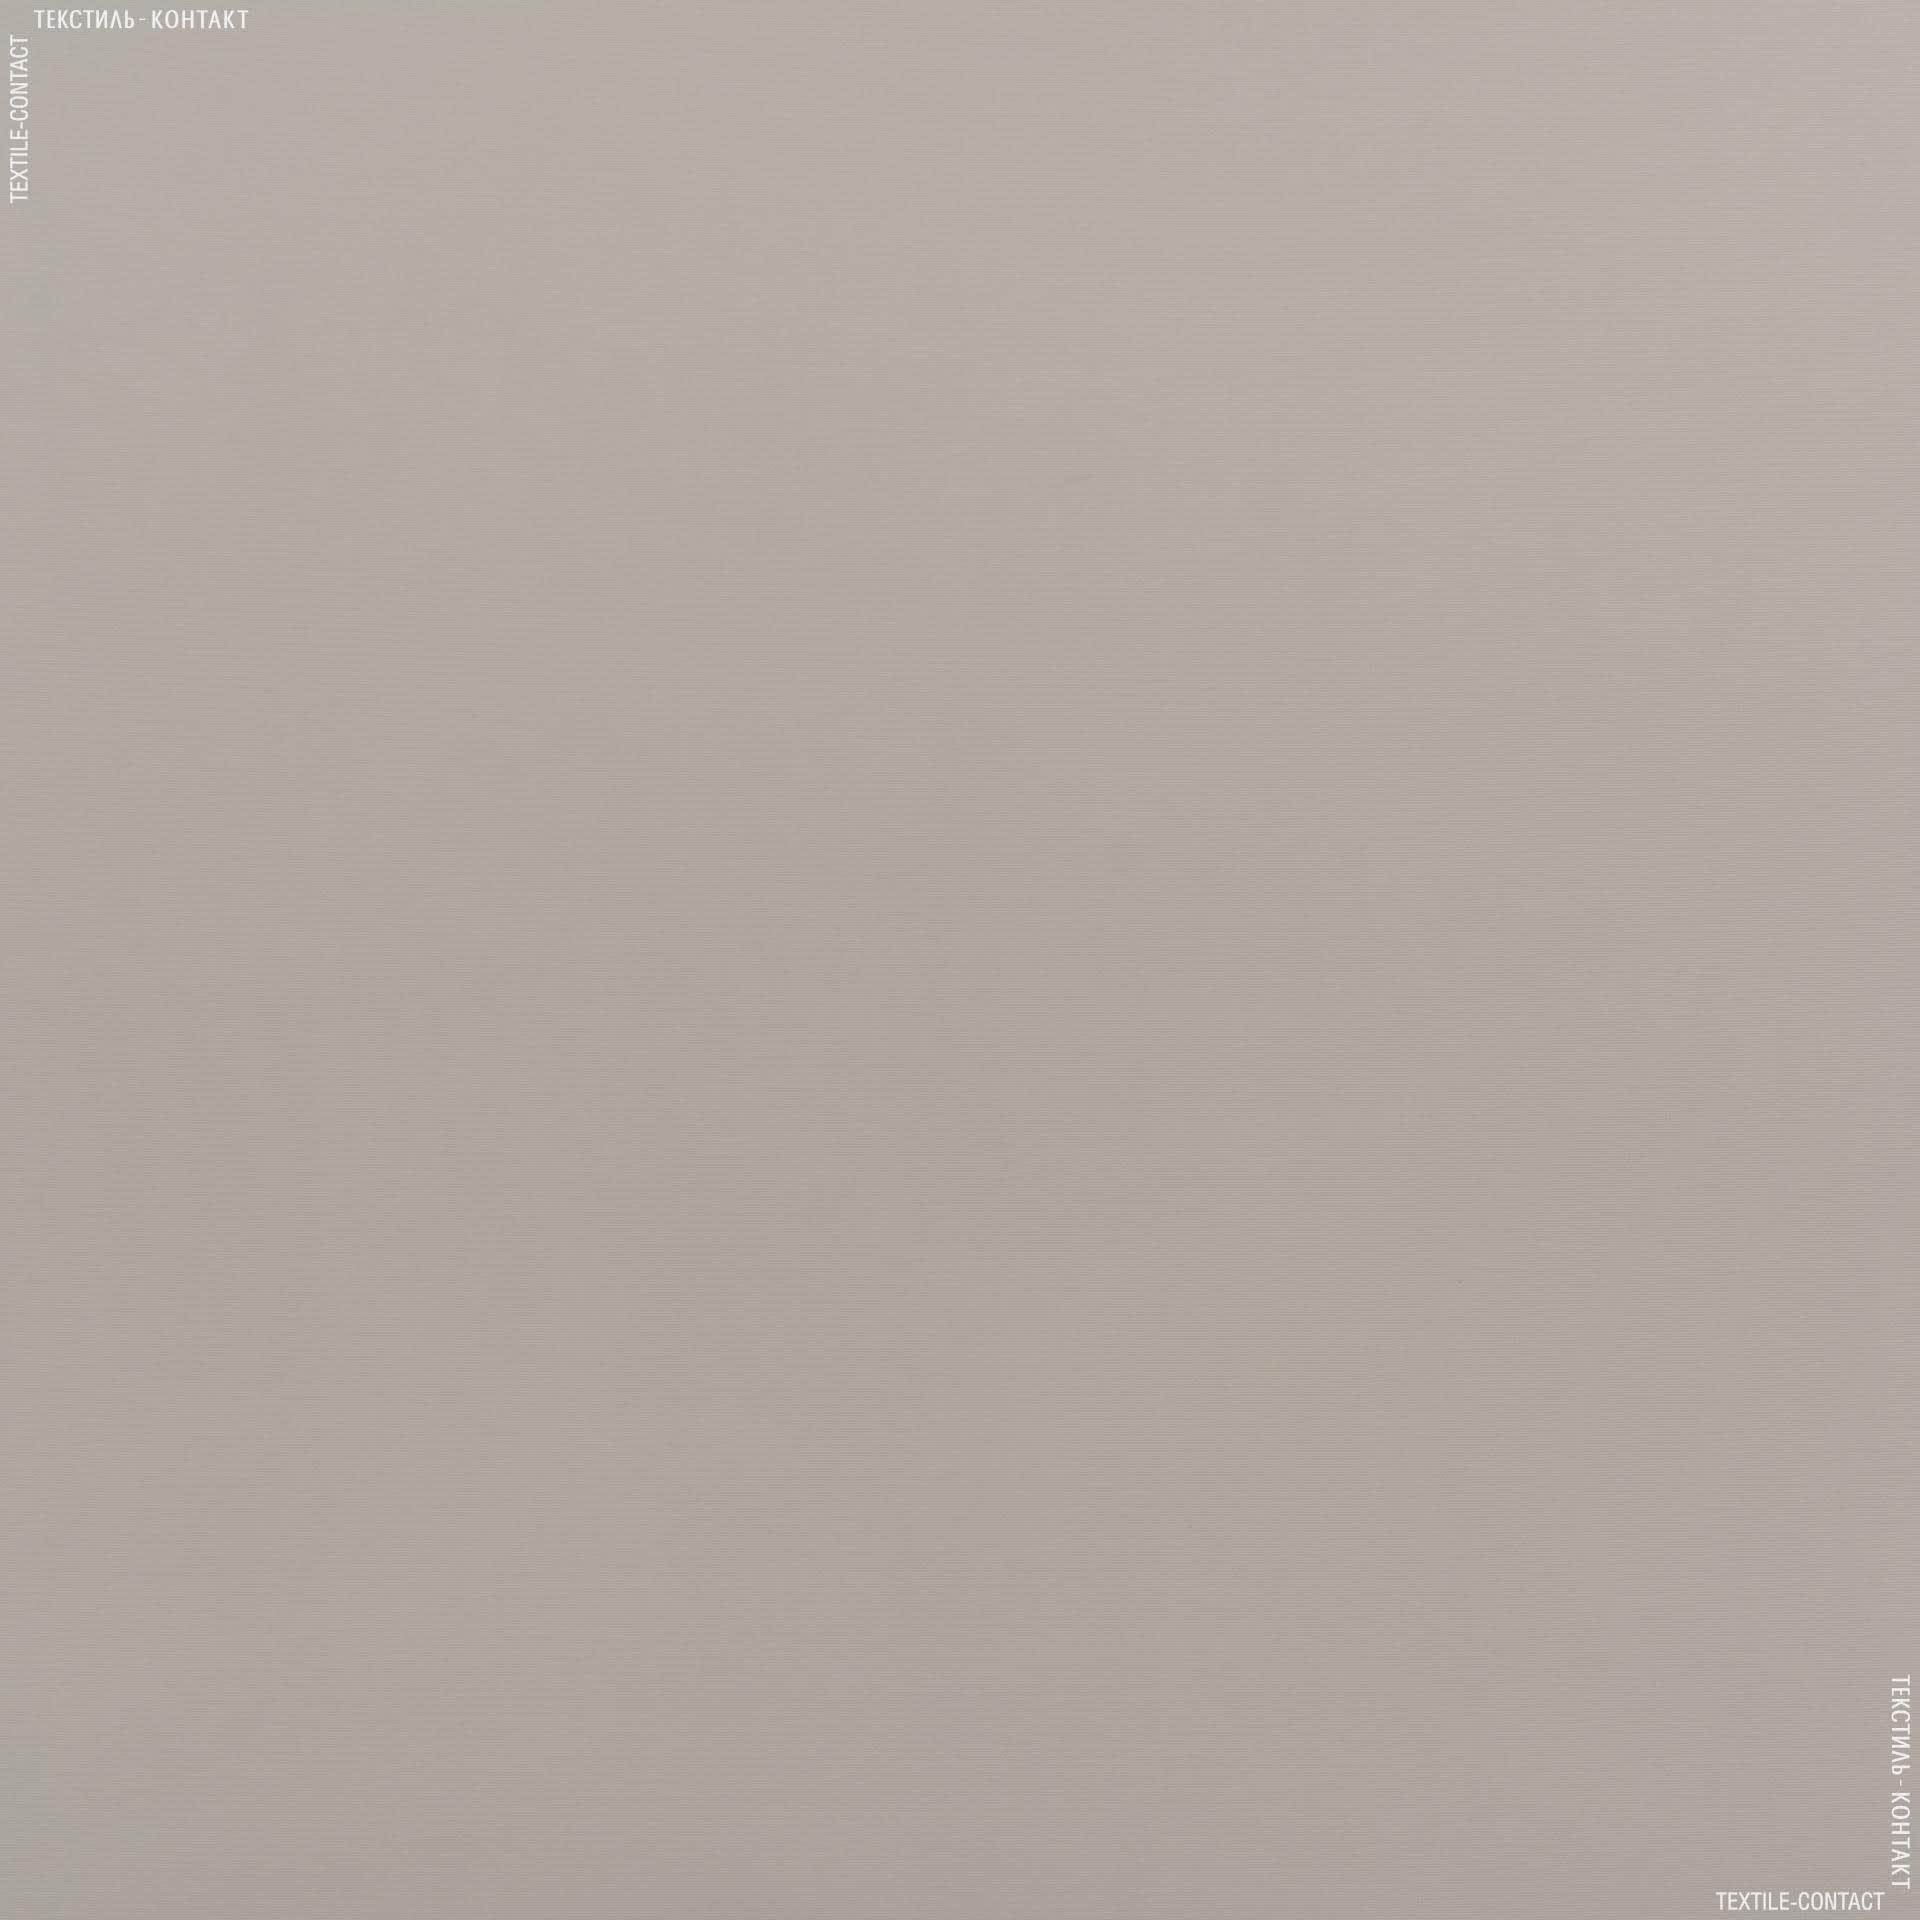 Ткани для верхней одежды - Ода сотина светло-серый